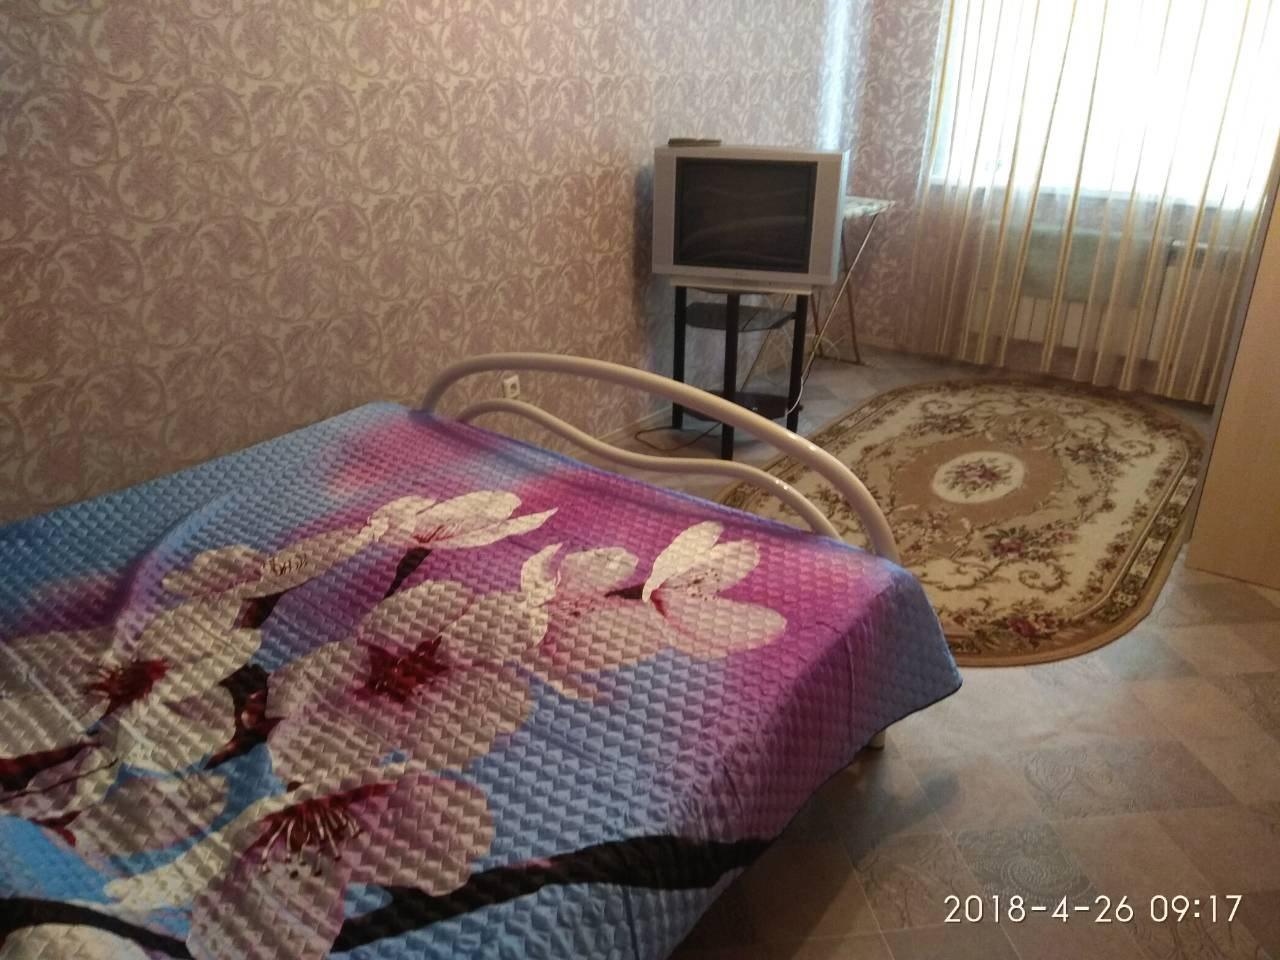 На час квартиру оренбурге сдам в амфибия восток продам часы